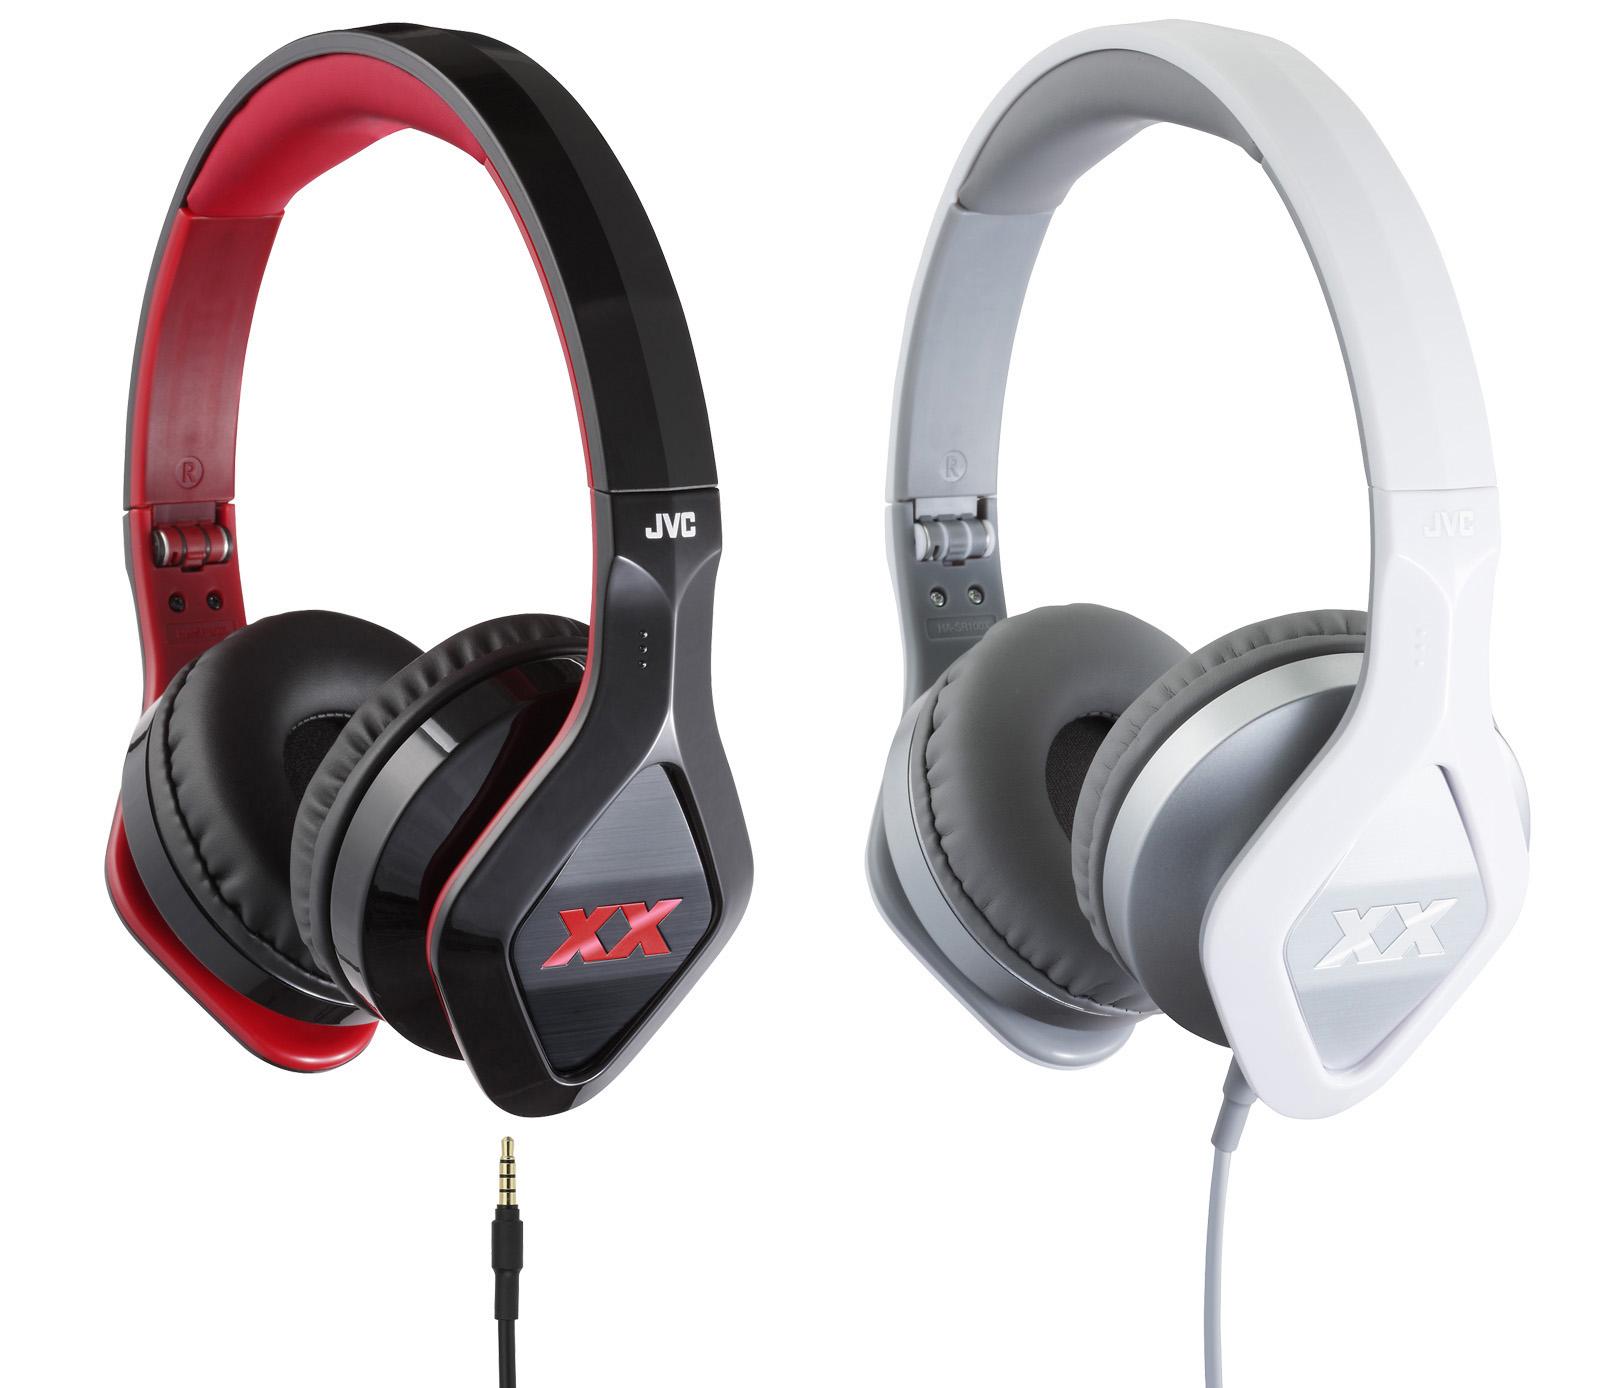 หูฟัง JVC HA-SR-100X XX Series รูปทรงล้ำสมัย เบสหนักแน่น พับได้ ถอดสายได้